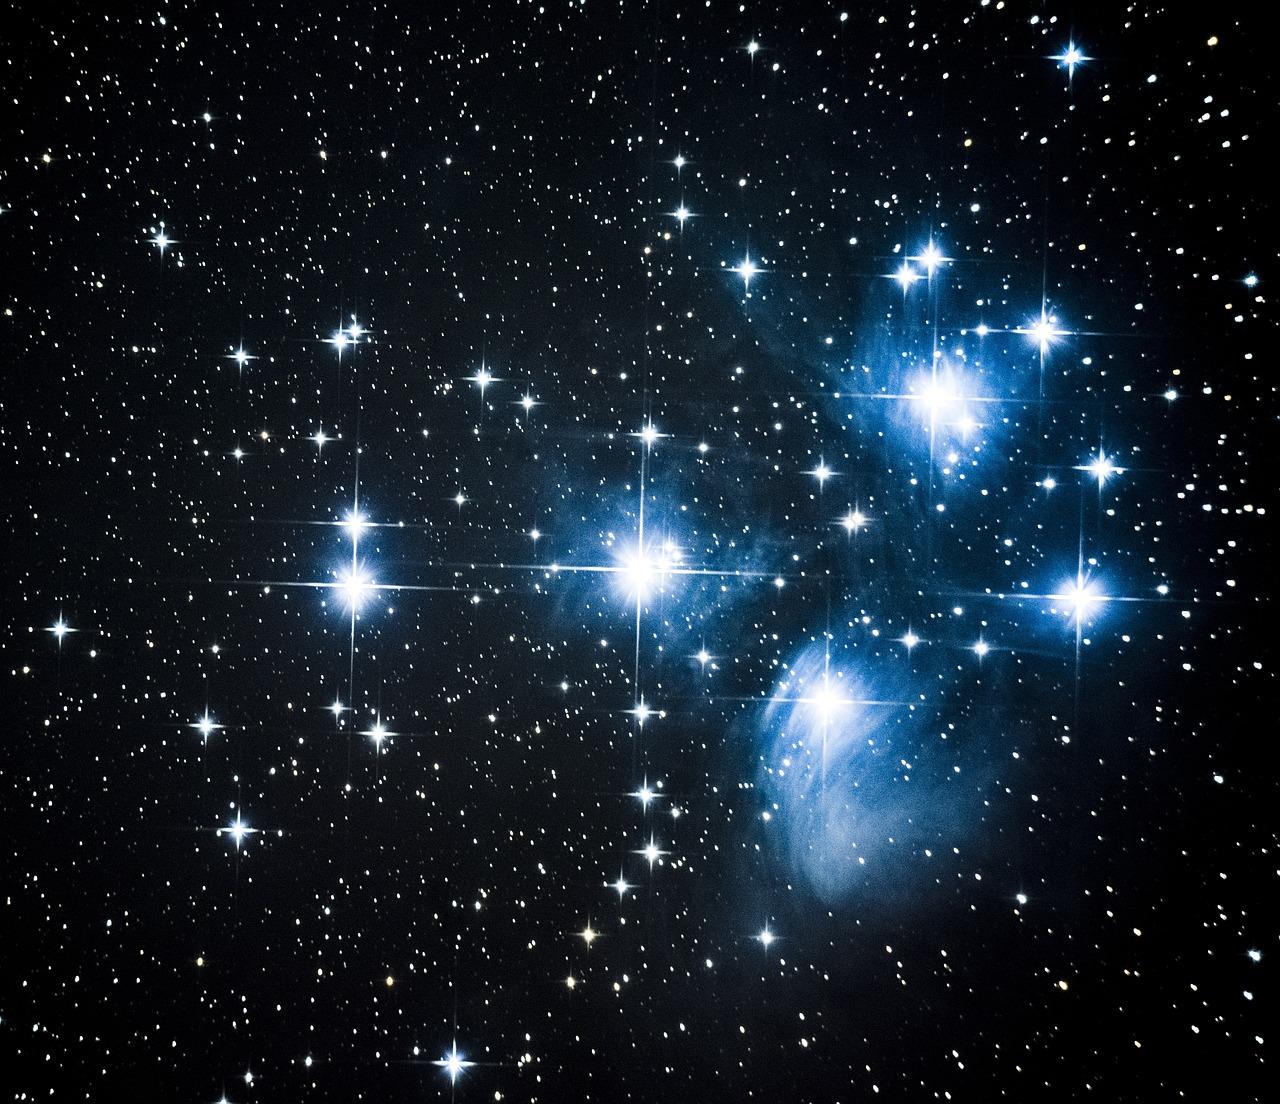 картинки по астрономии галактика